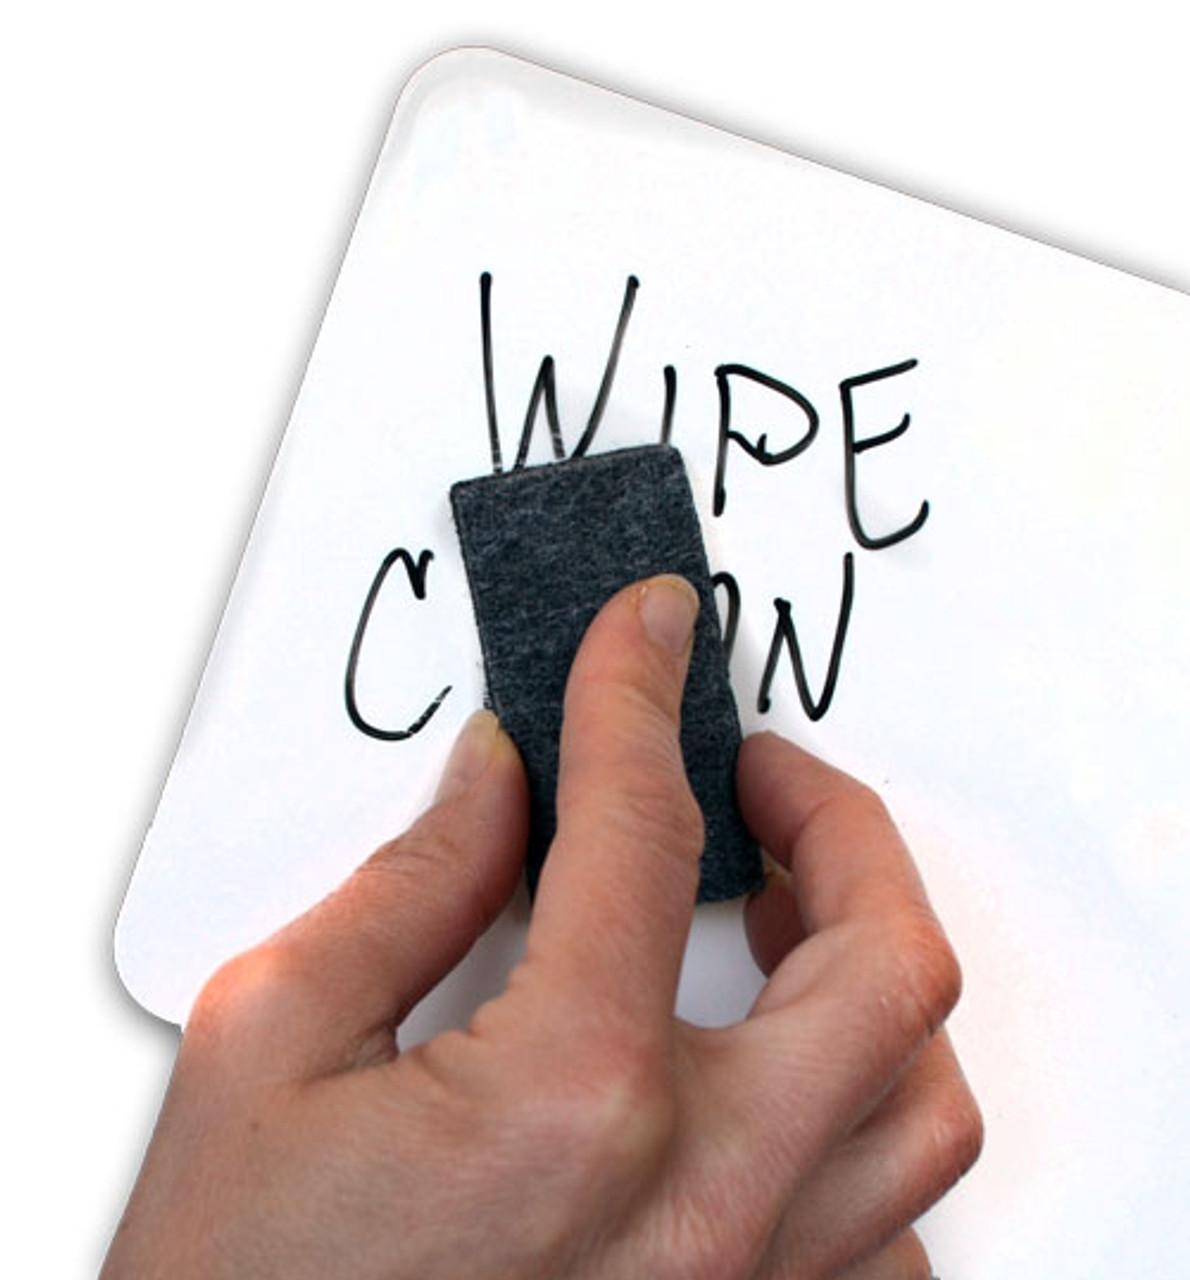 Person using Briteboard mini-erasers